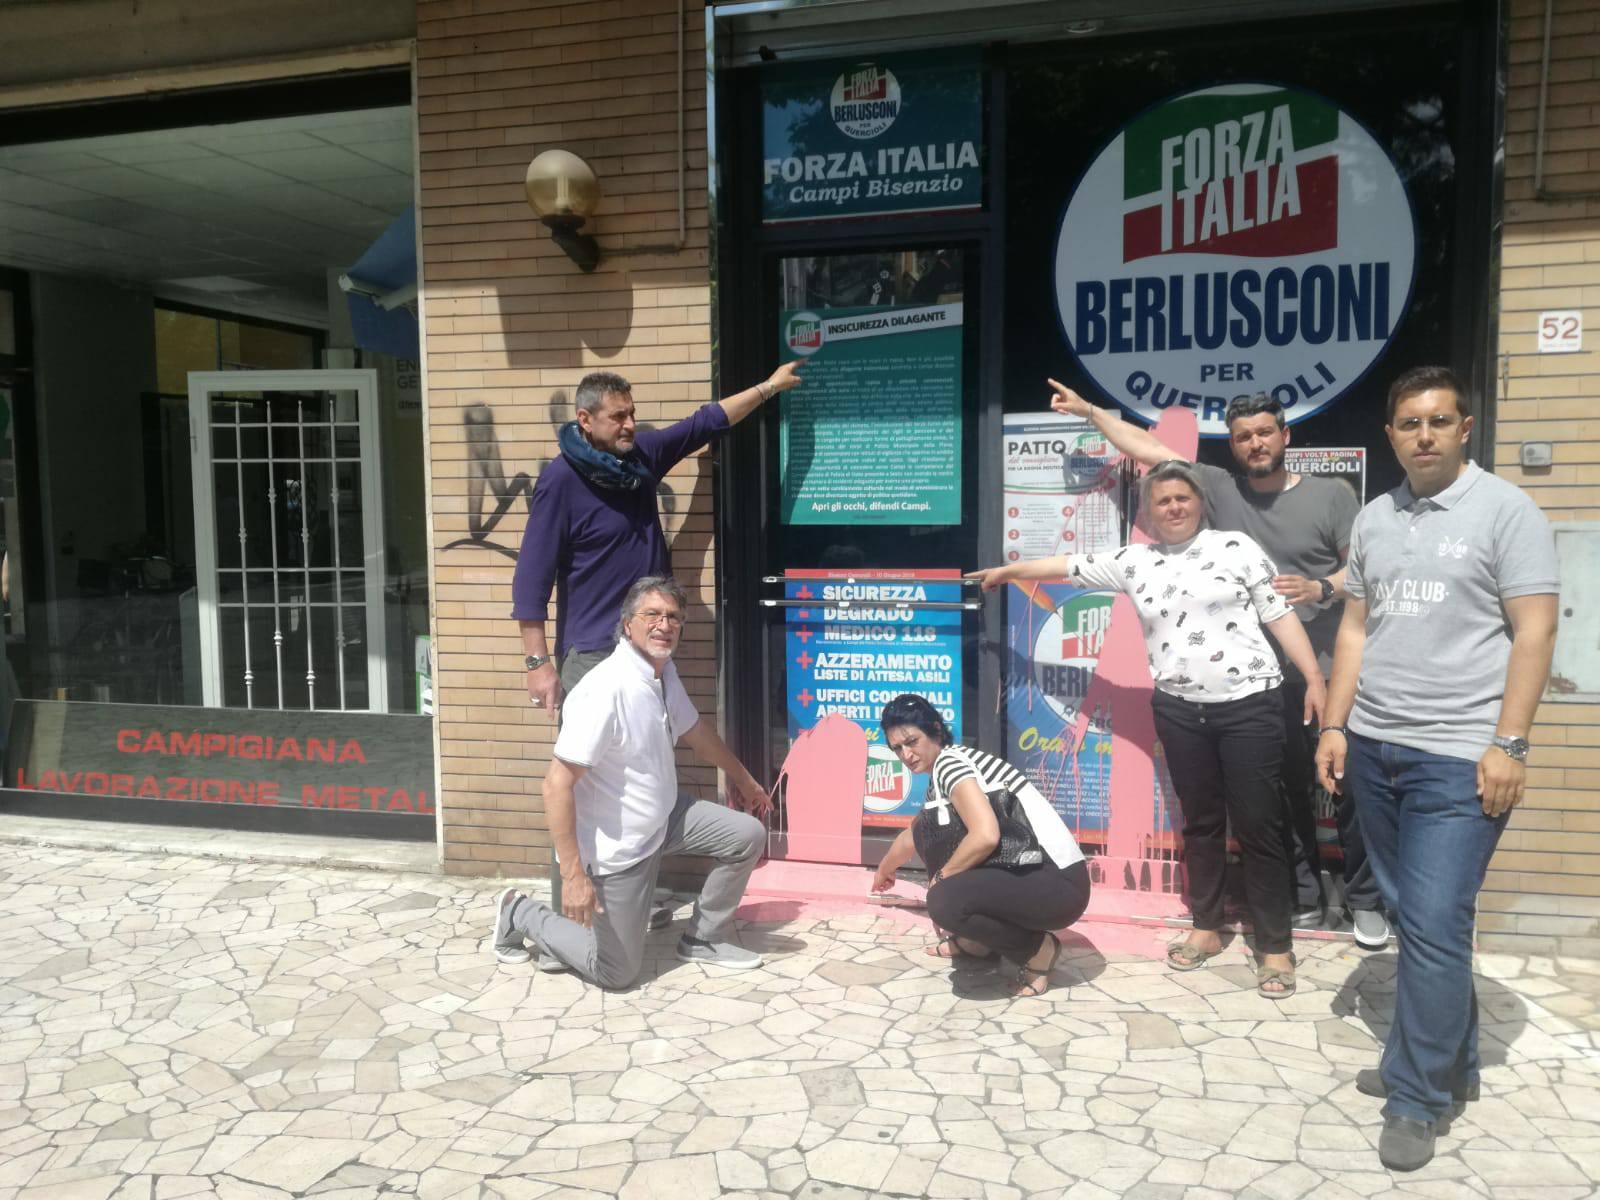 Campi imbrattato il comitato di forza italia lotti e for Deputati di forza italia